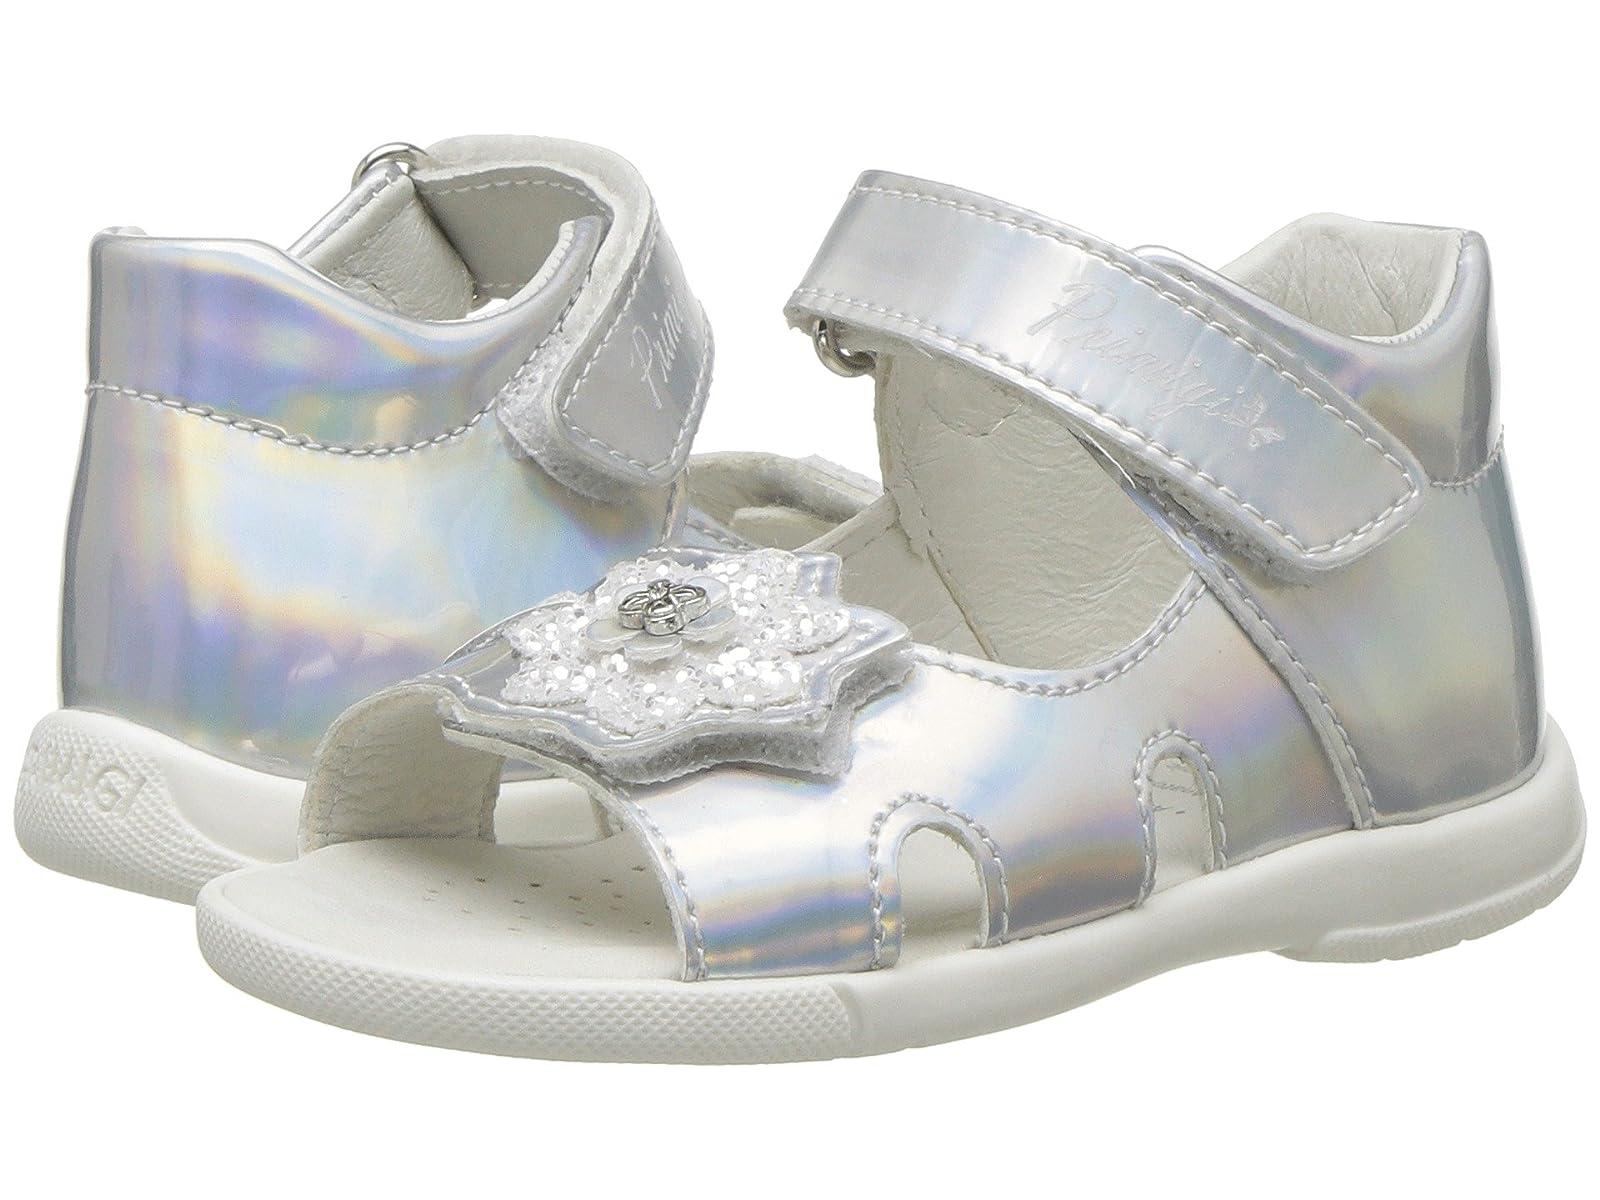 Primigi Kids PPB 14022 (Infant/Toddler)Atmospheric grades have affordable shoes